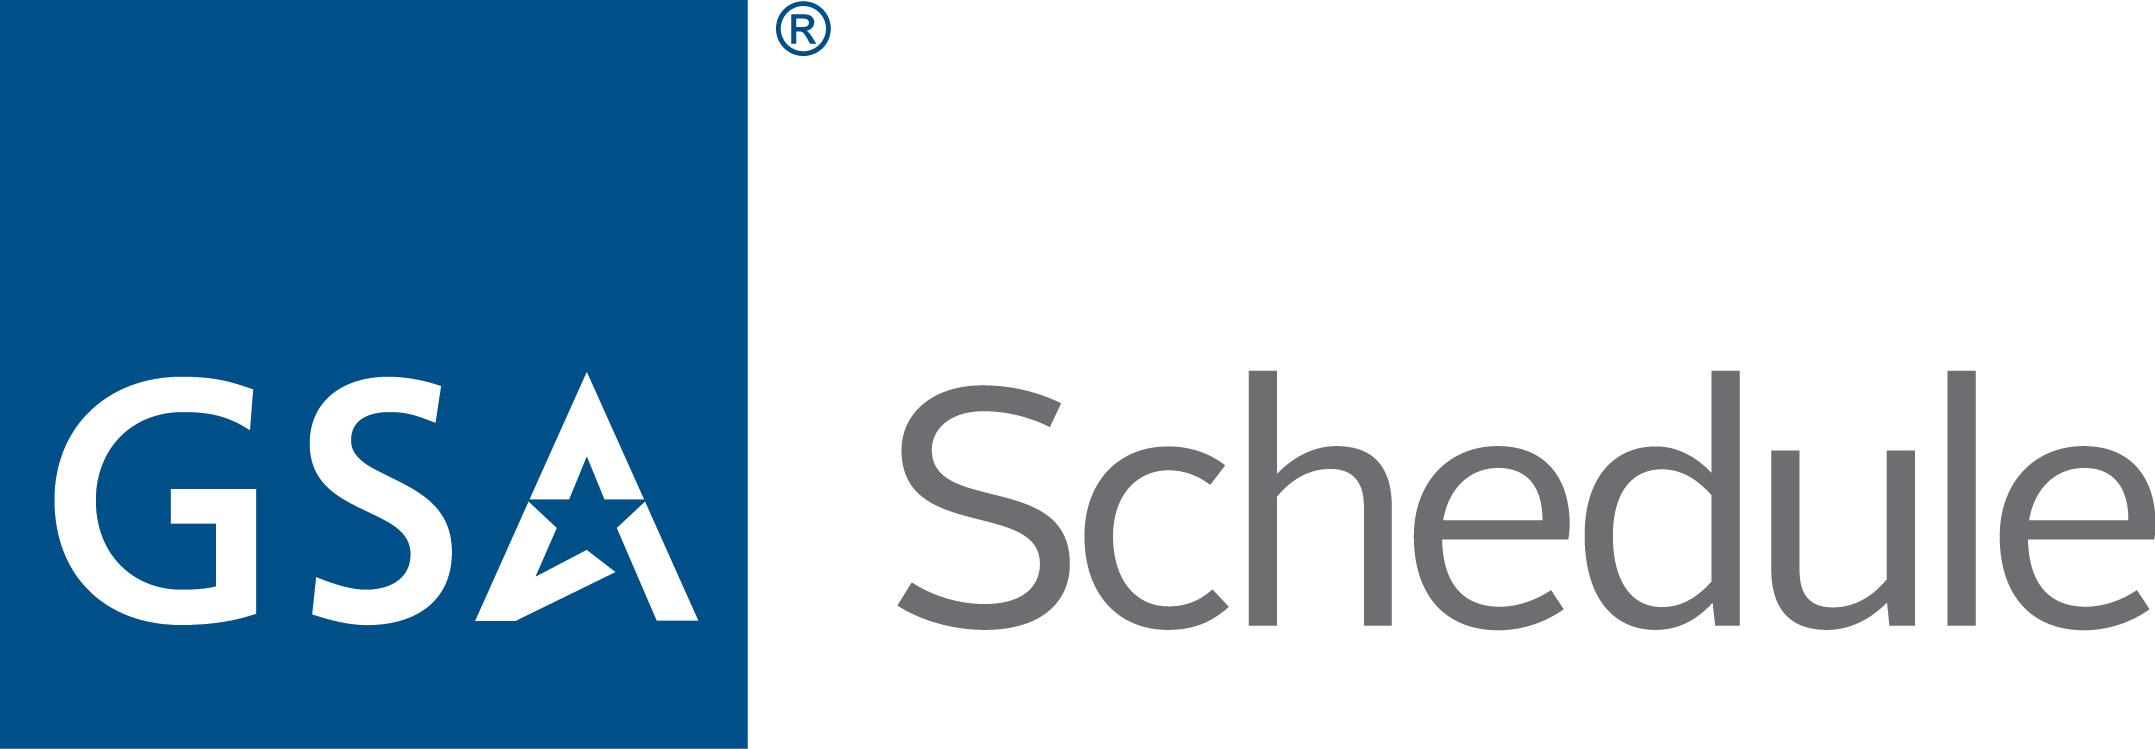 GSA_Scheduler_Holder.jpg